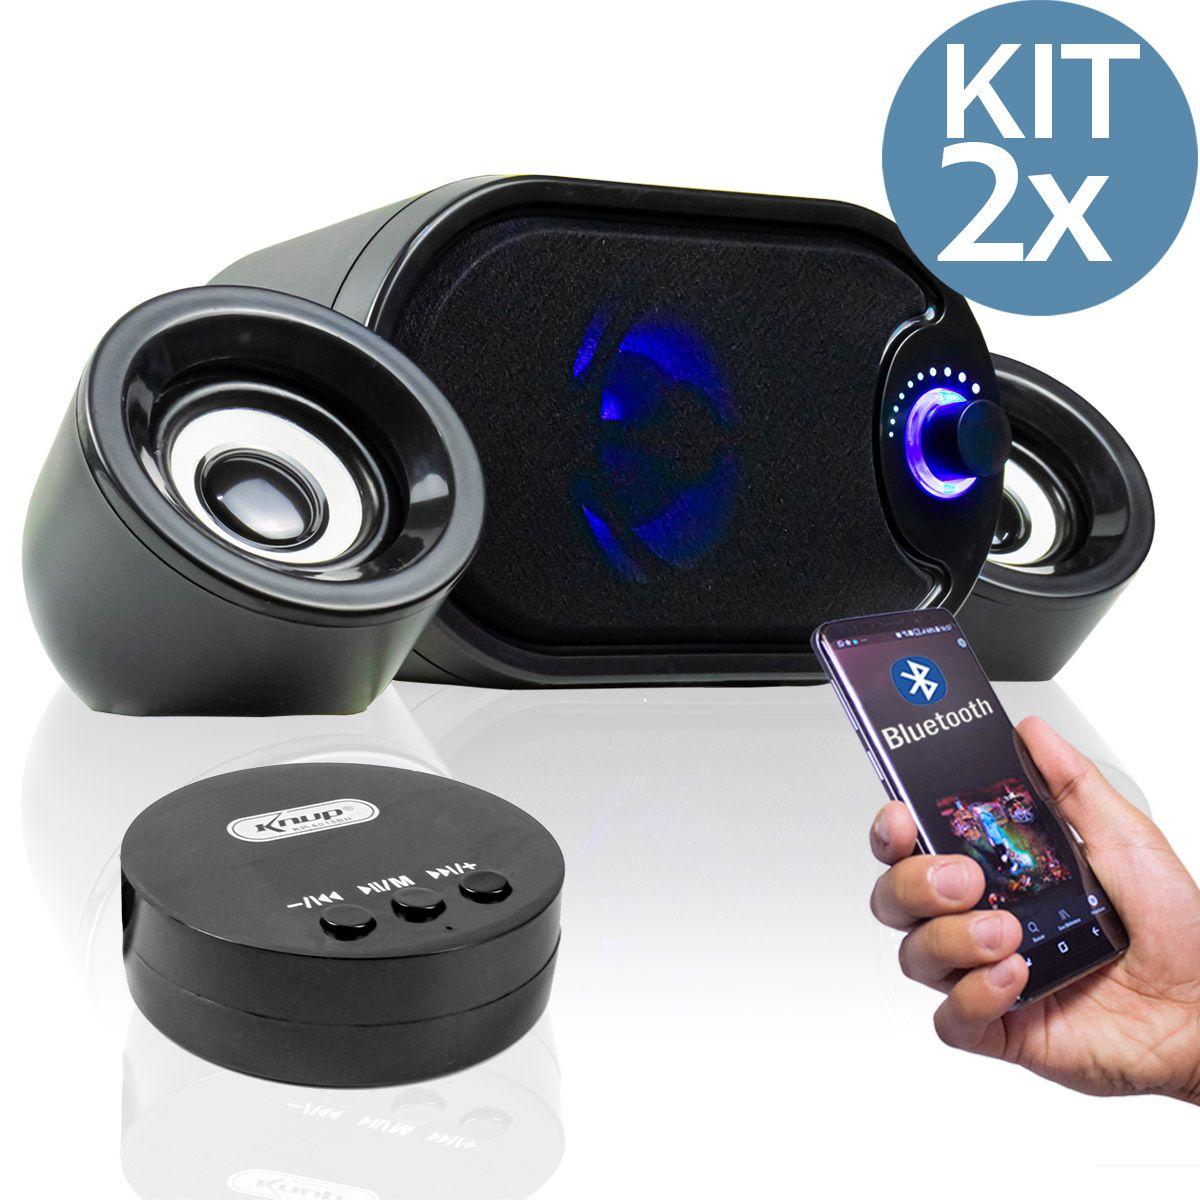 KIT 2x Caixa de Som para PC com Subwoofer e Bluetooth Knup KP-6018BH